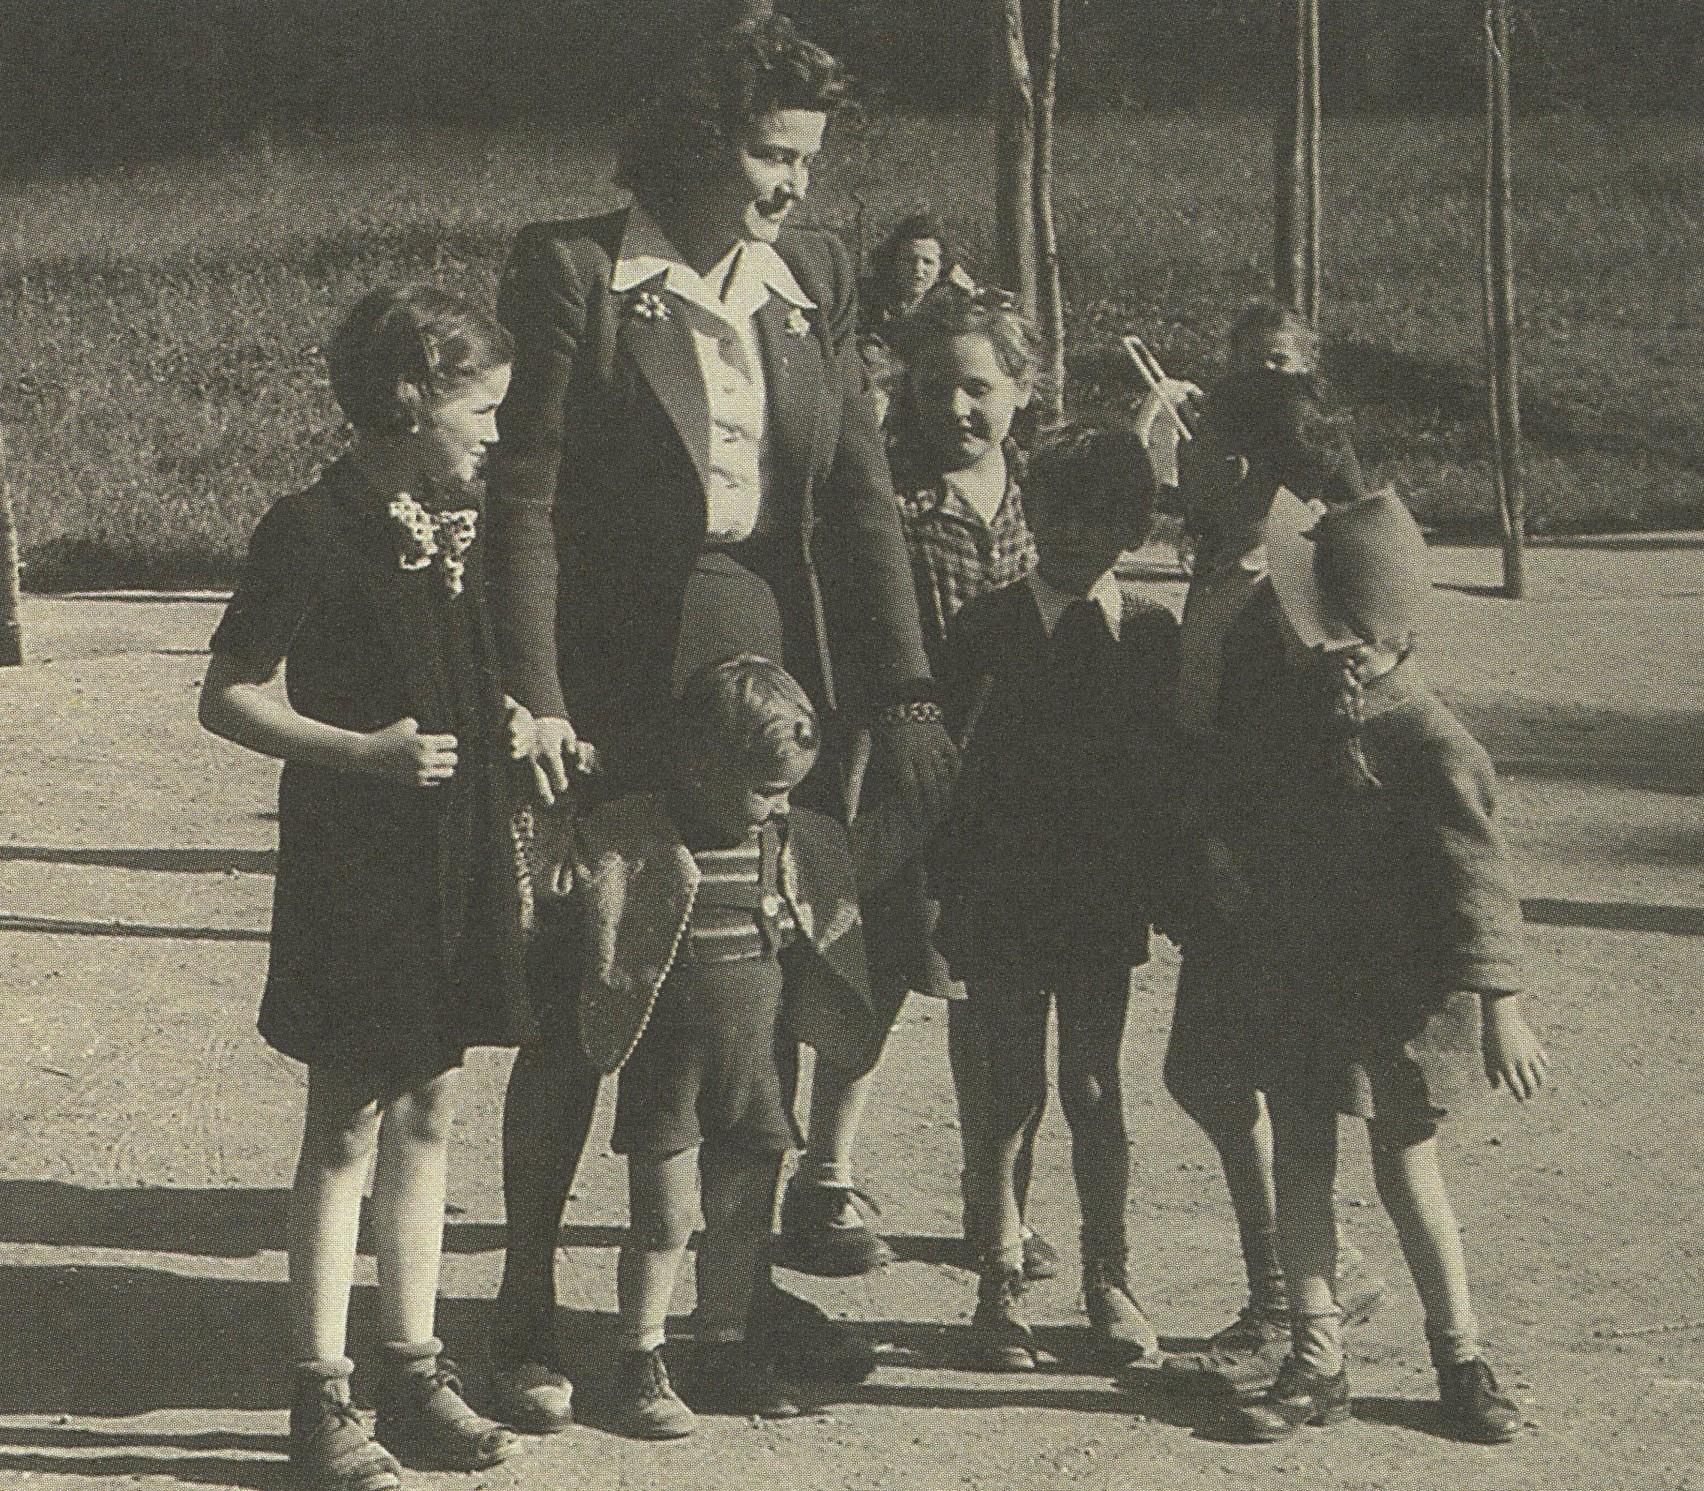 024. Karády gyerekekkel a 40-es években